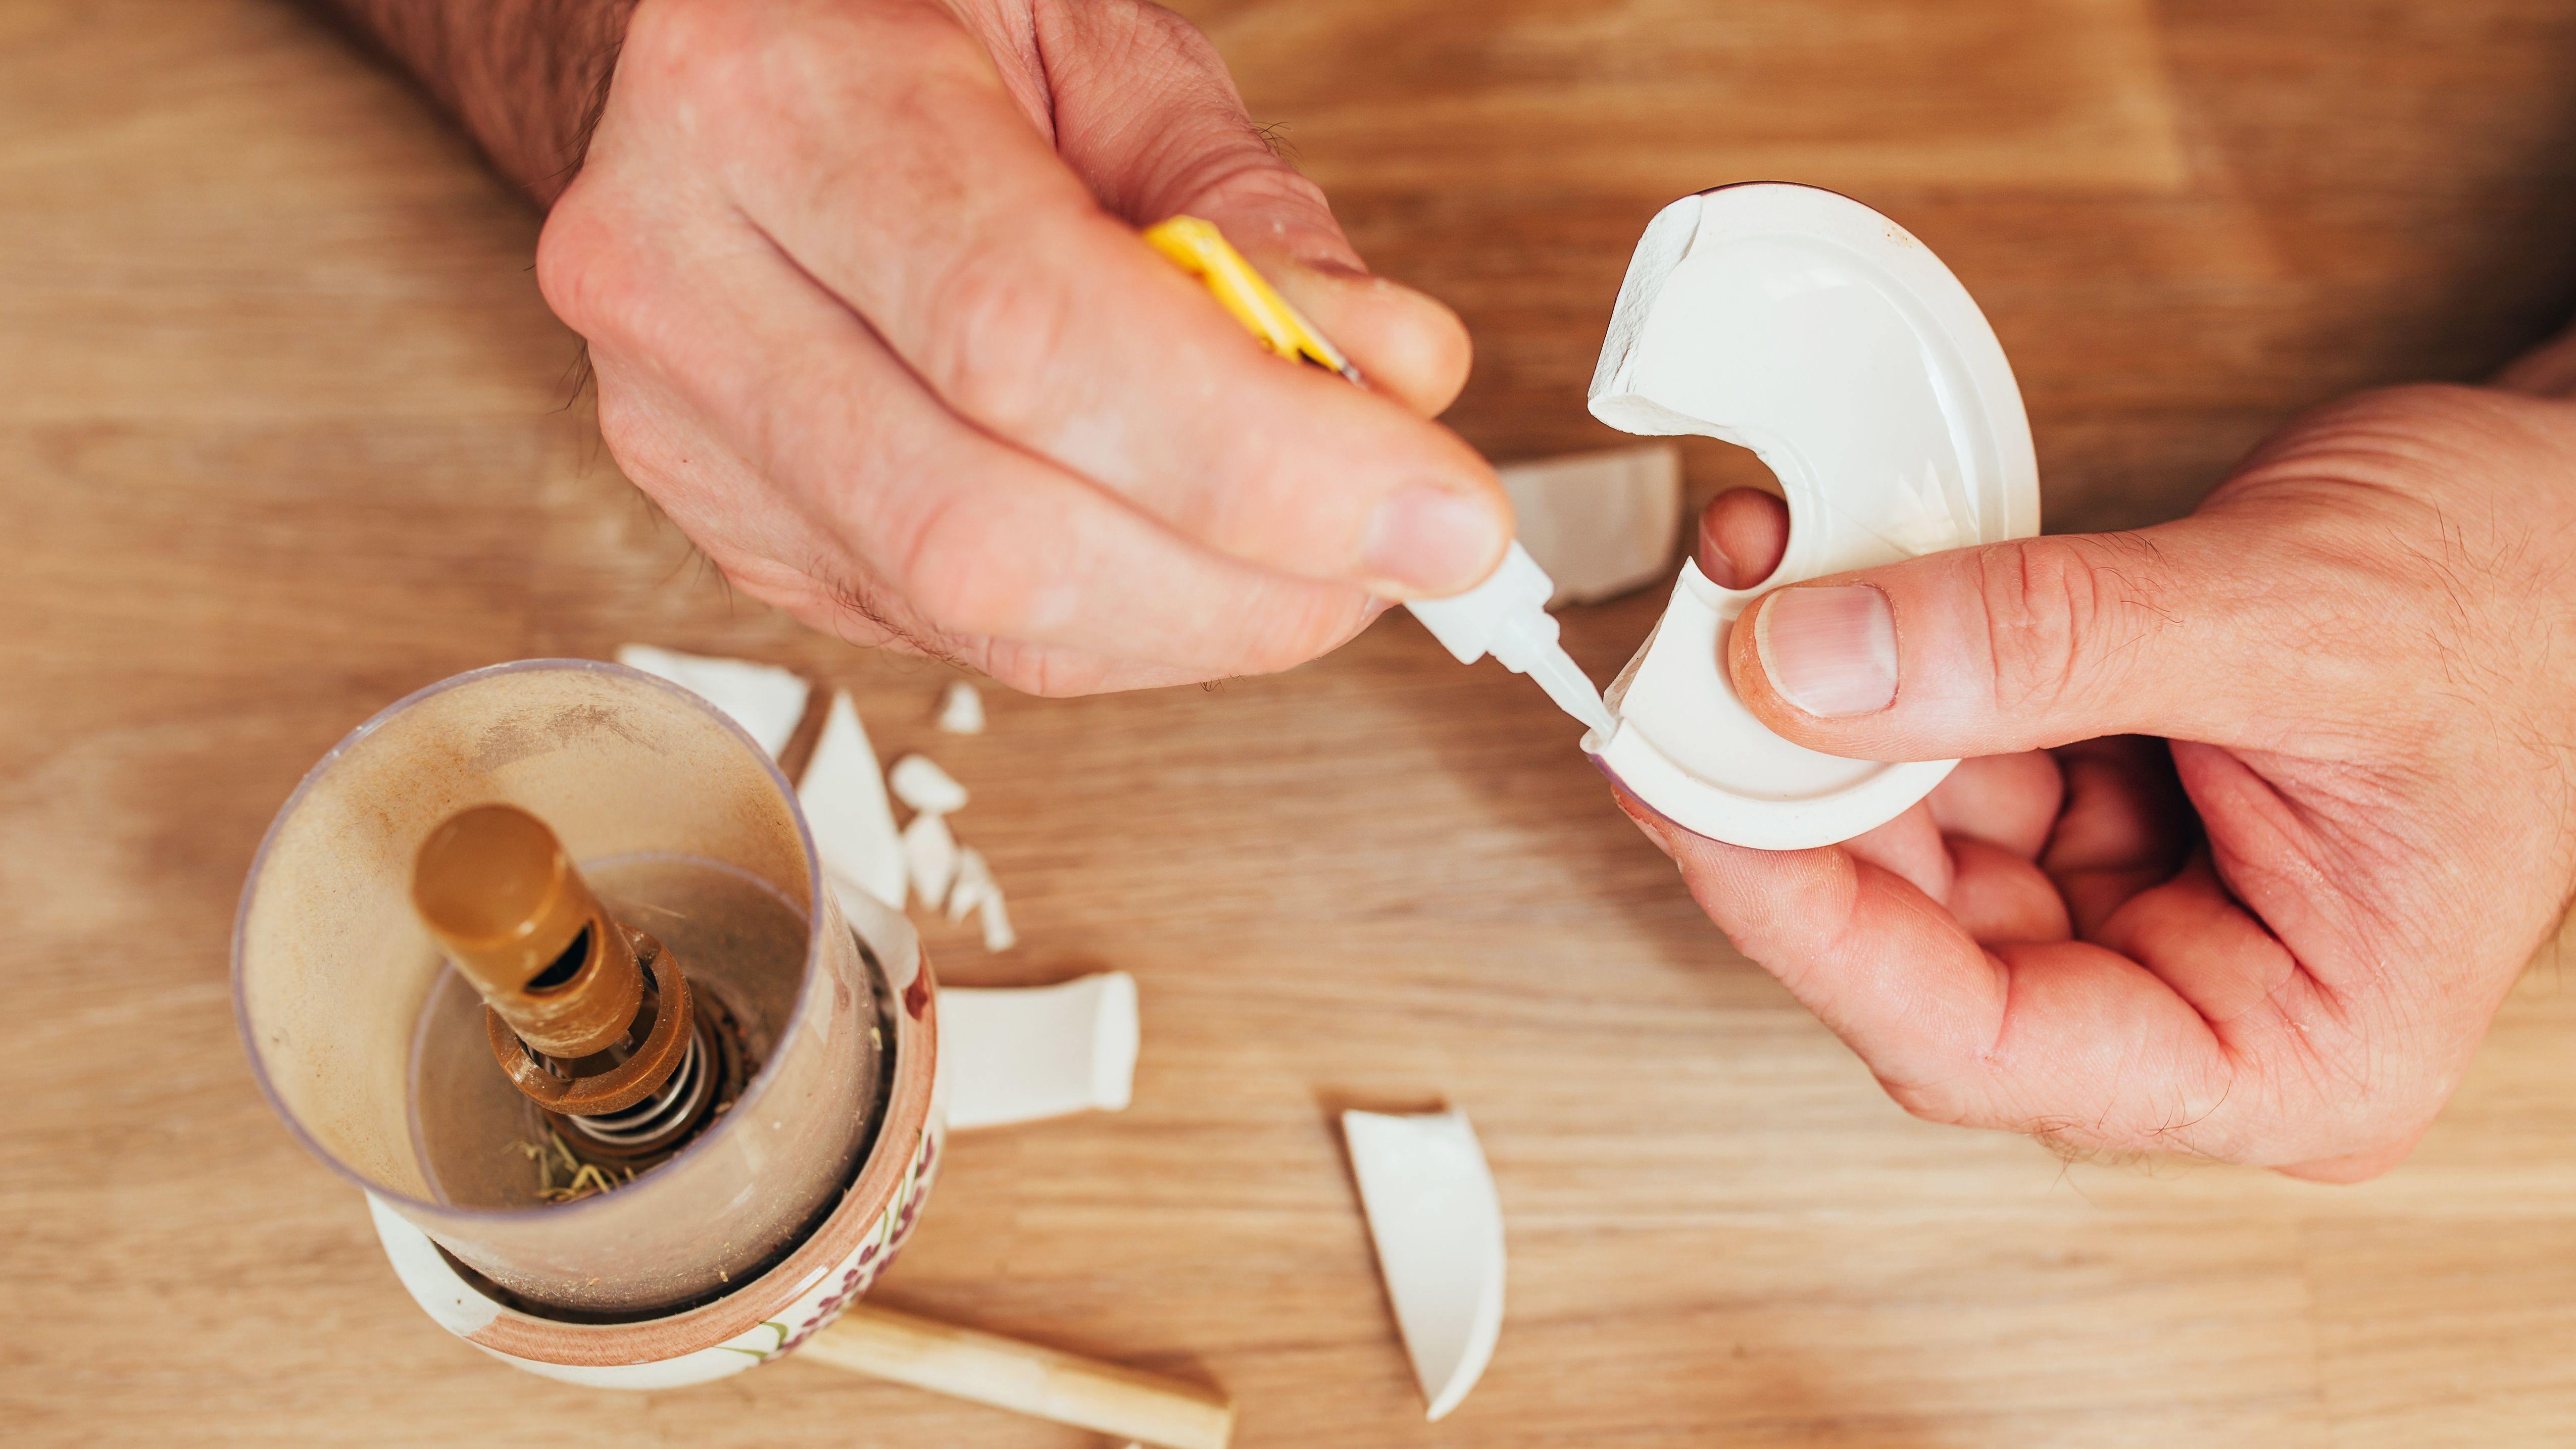 Come scegliere colle, mastici e adesivi di fissaggio